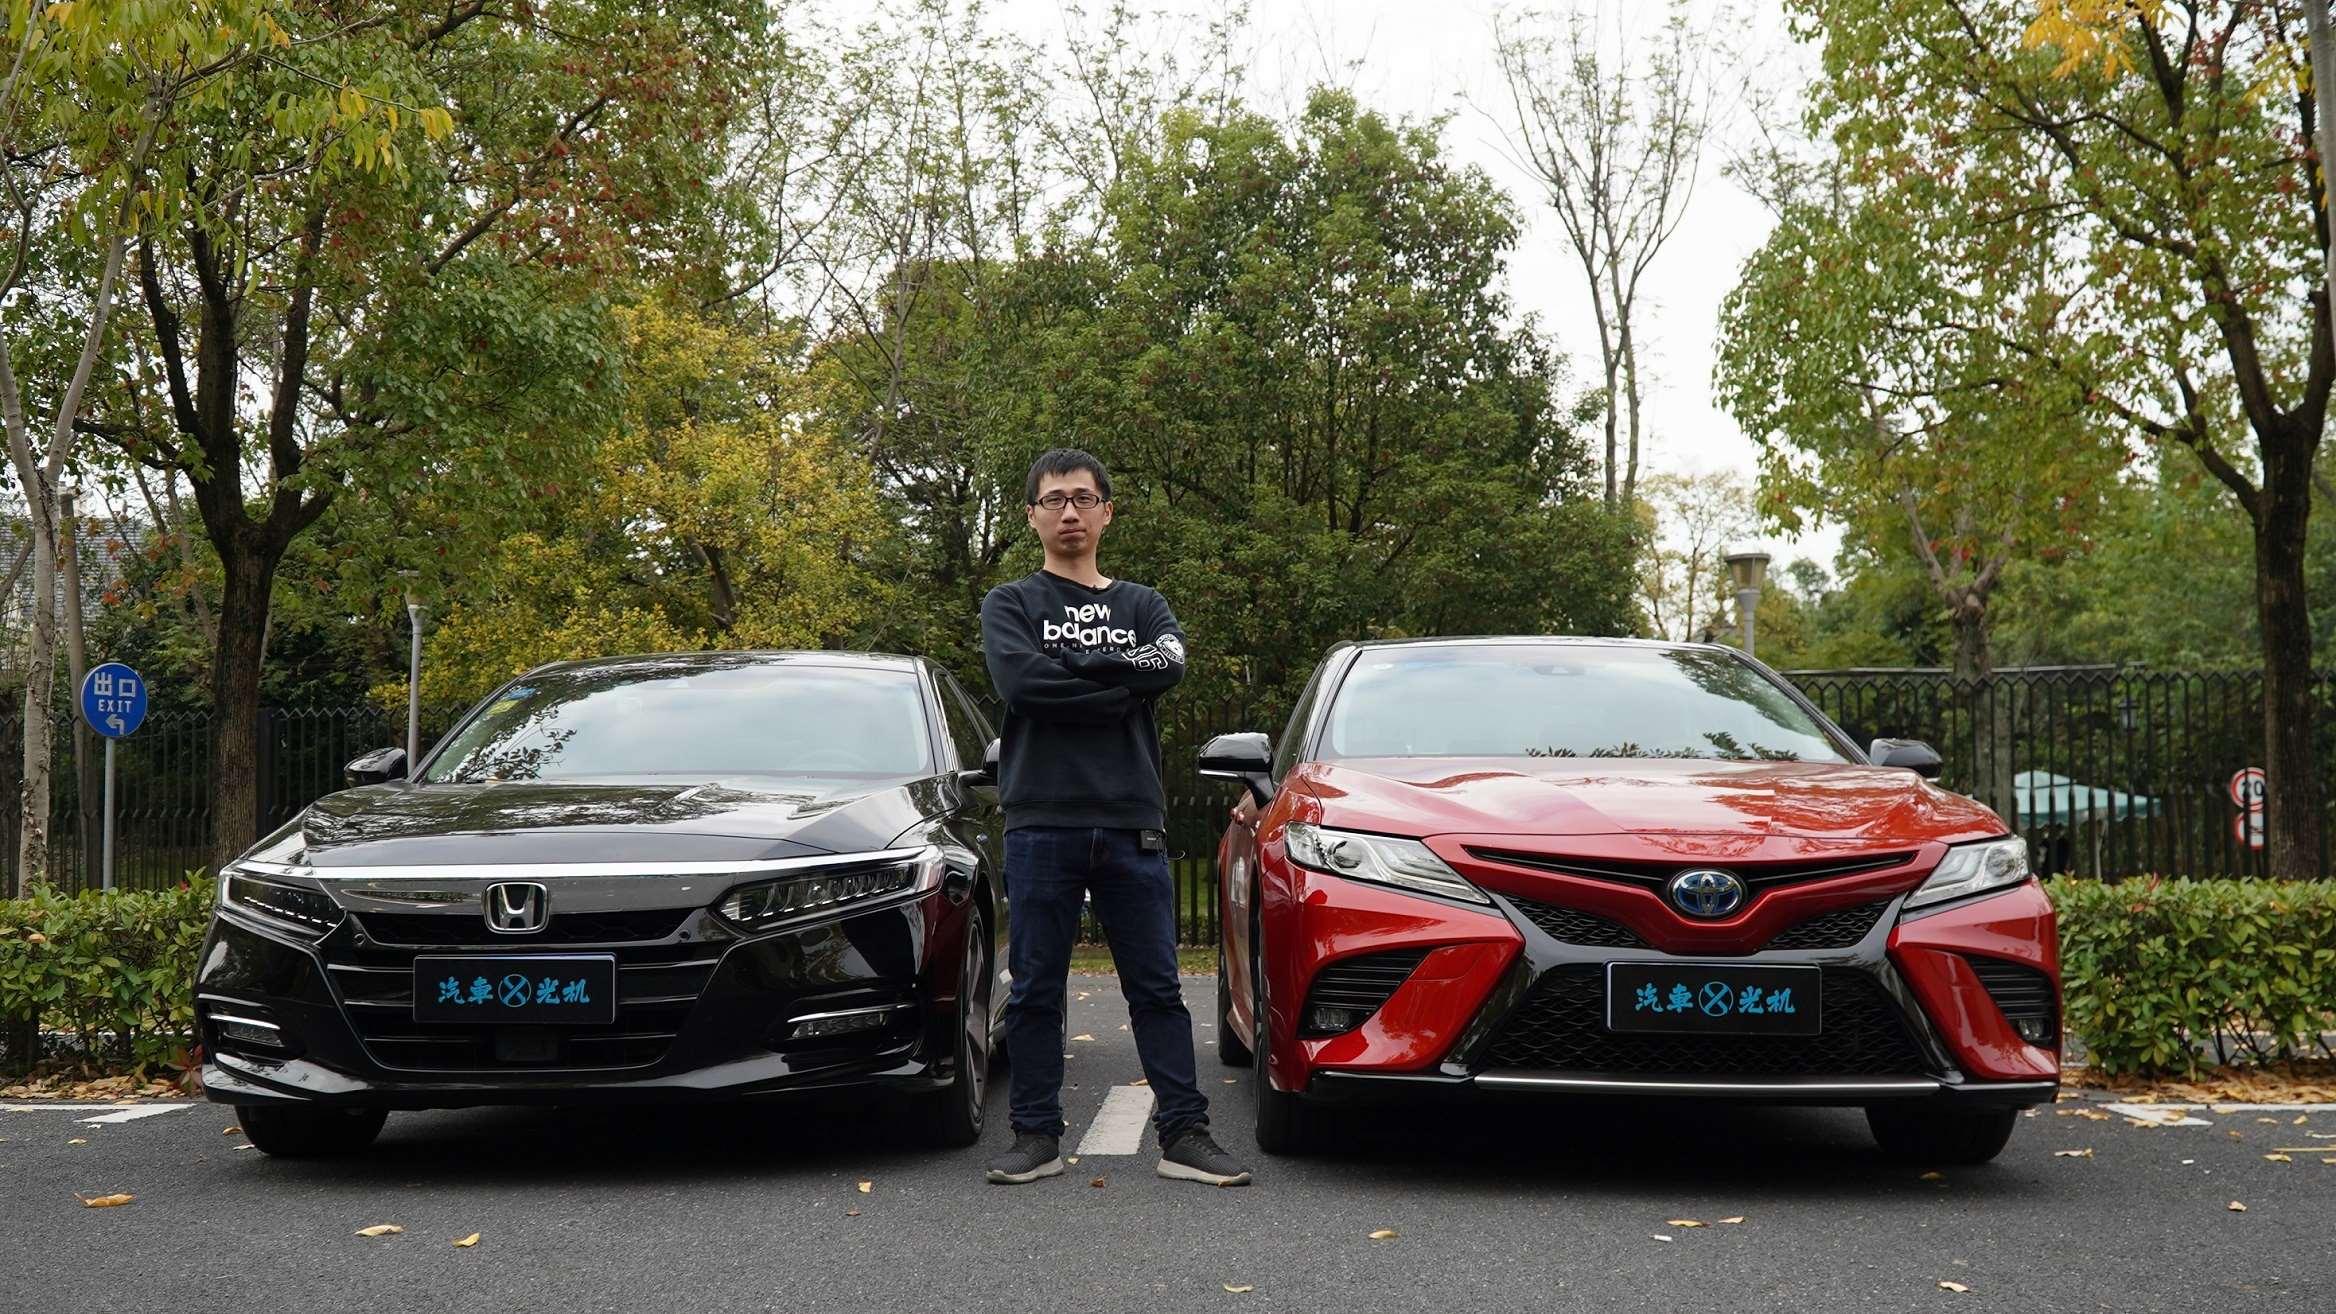 本田新一代混动技术,是否可以挑战混动泰斗丰田的地位?